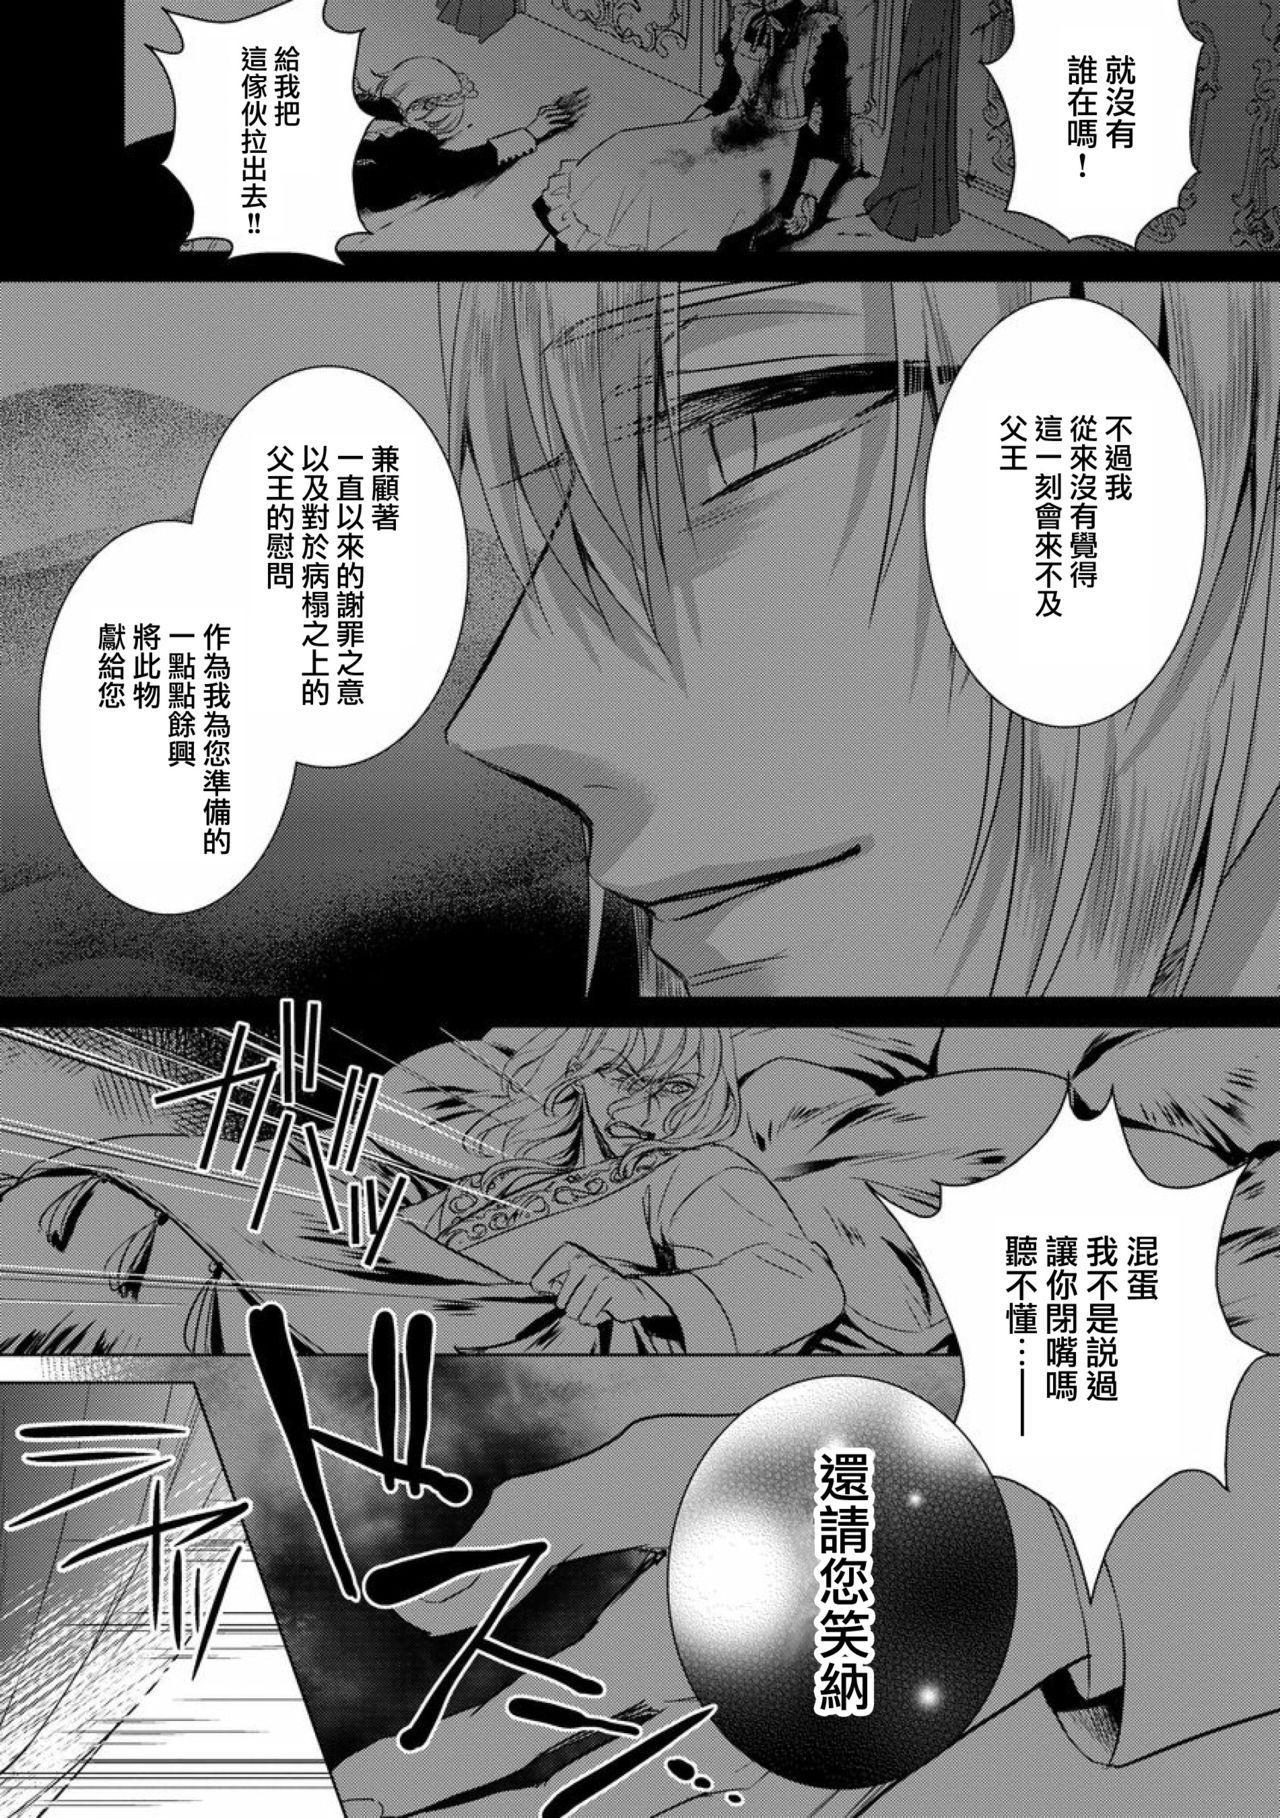 [Saotome Mokono] Kyououji no Ibitsu na Shuuai ~Nyotaika Knight no Totsukitooka~ Ch. 12 [Chinese] [瑞树汉化组] [Digital] 14